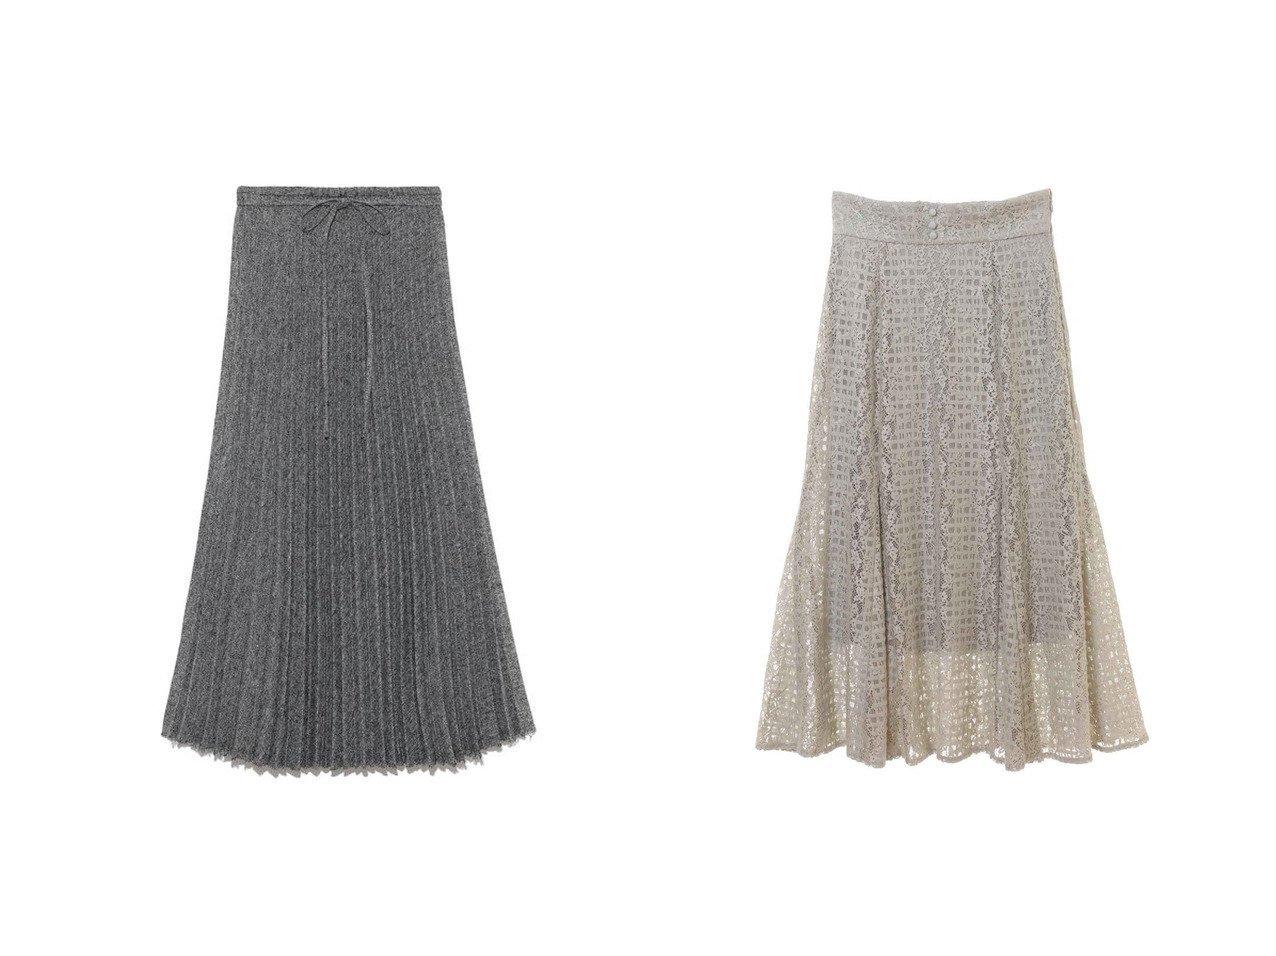 【31 Sons de mode/トランテアン ソン ドゥ モード】のモールレーススカート&【Mila Owen/ミラオーウェン】のウエストゴムランダムプリーツロングスカート スカートのおすすめ!人気、レディースファッションの通販 おすすめで人気のファッション通販商品 インテリア・家具・キッズファッション・メンズファッション・レディースファッション・服の通販 founy(ファニー) https://founy.com/ ファッション Fashion レディース WOMEN スカート Skirt ロングスカート Long Skirt 人気 プリーツ ランダム フレア レース 冬 Winter |ID:crp329100000001500